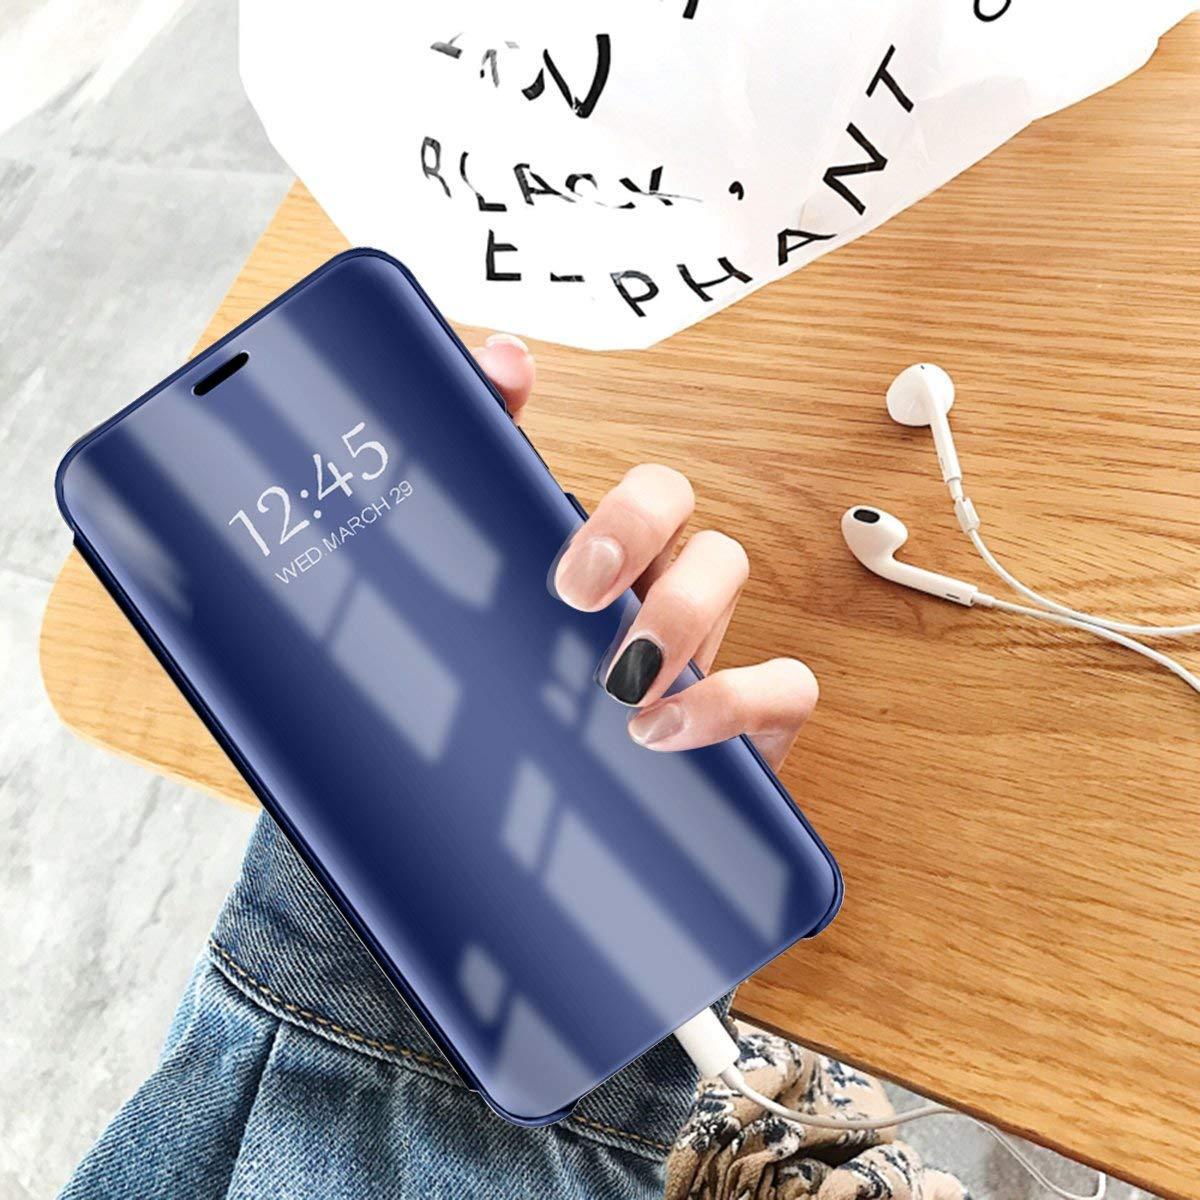 Karomenic kompatibel mit Huawei Nova 3i//P Smart Plus Spiegel H/ülle /Überzug PU Leder Mirror Case Flip Schutzh/ülle Brieftasche Cool M/änner M/ädchen Slim Clear Handyh/ülle Tasche Etui Cover,Rotgold